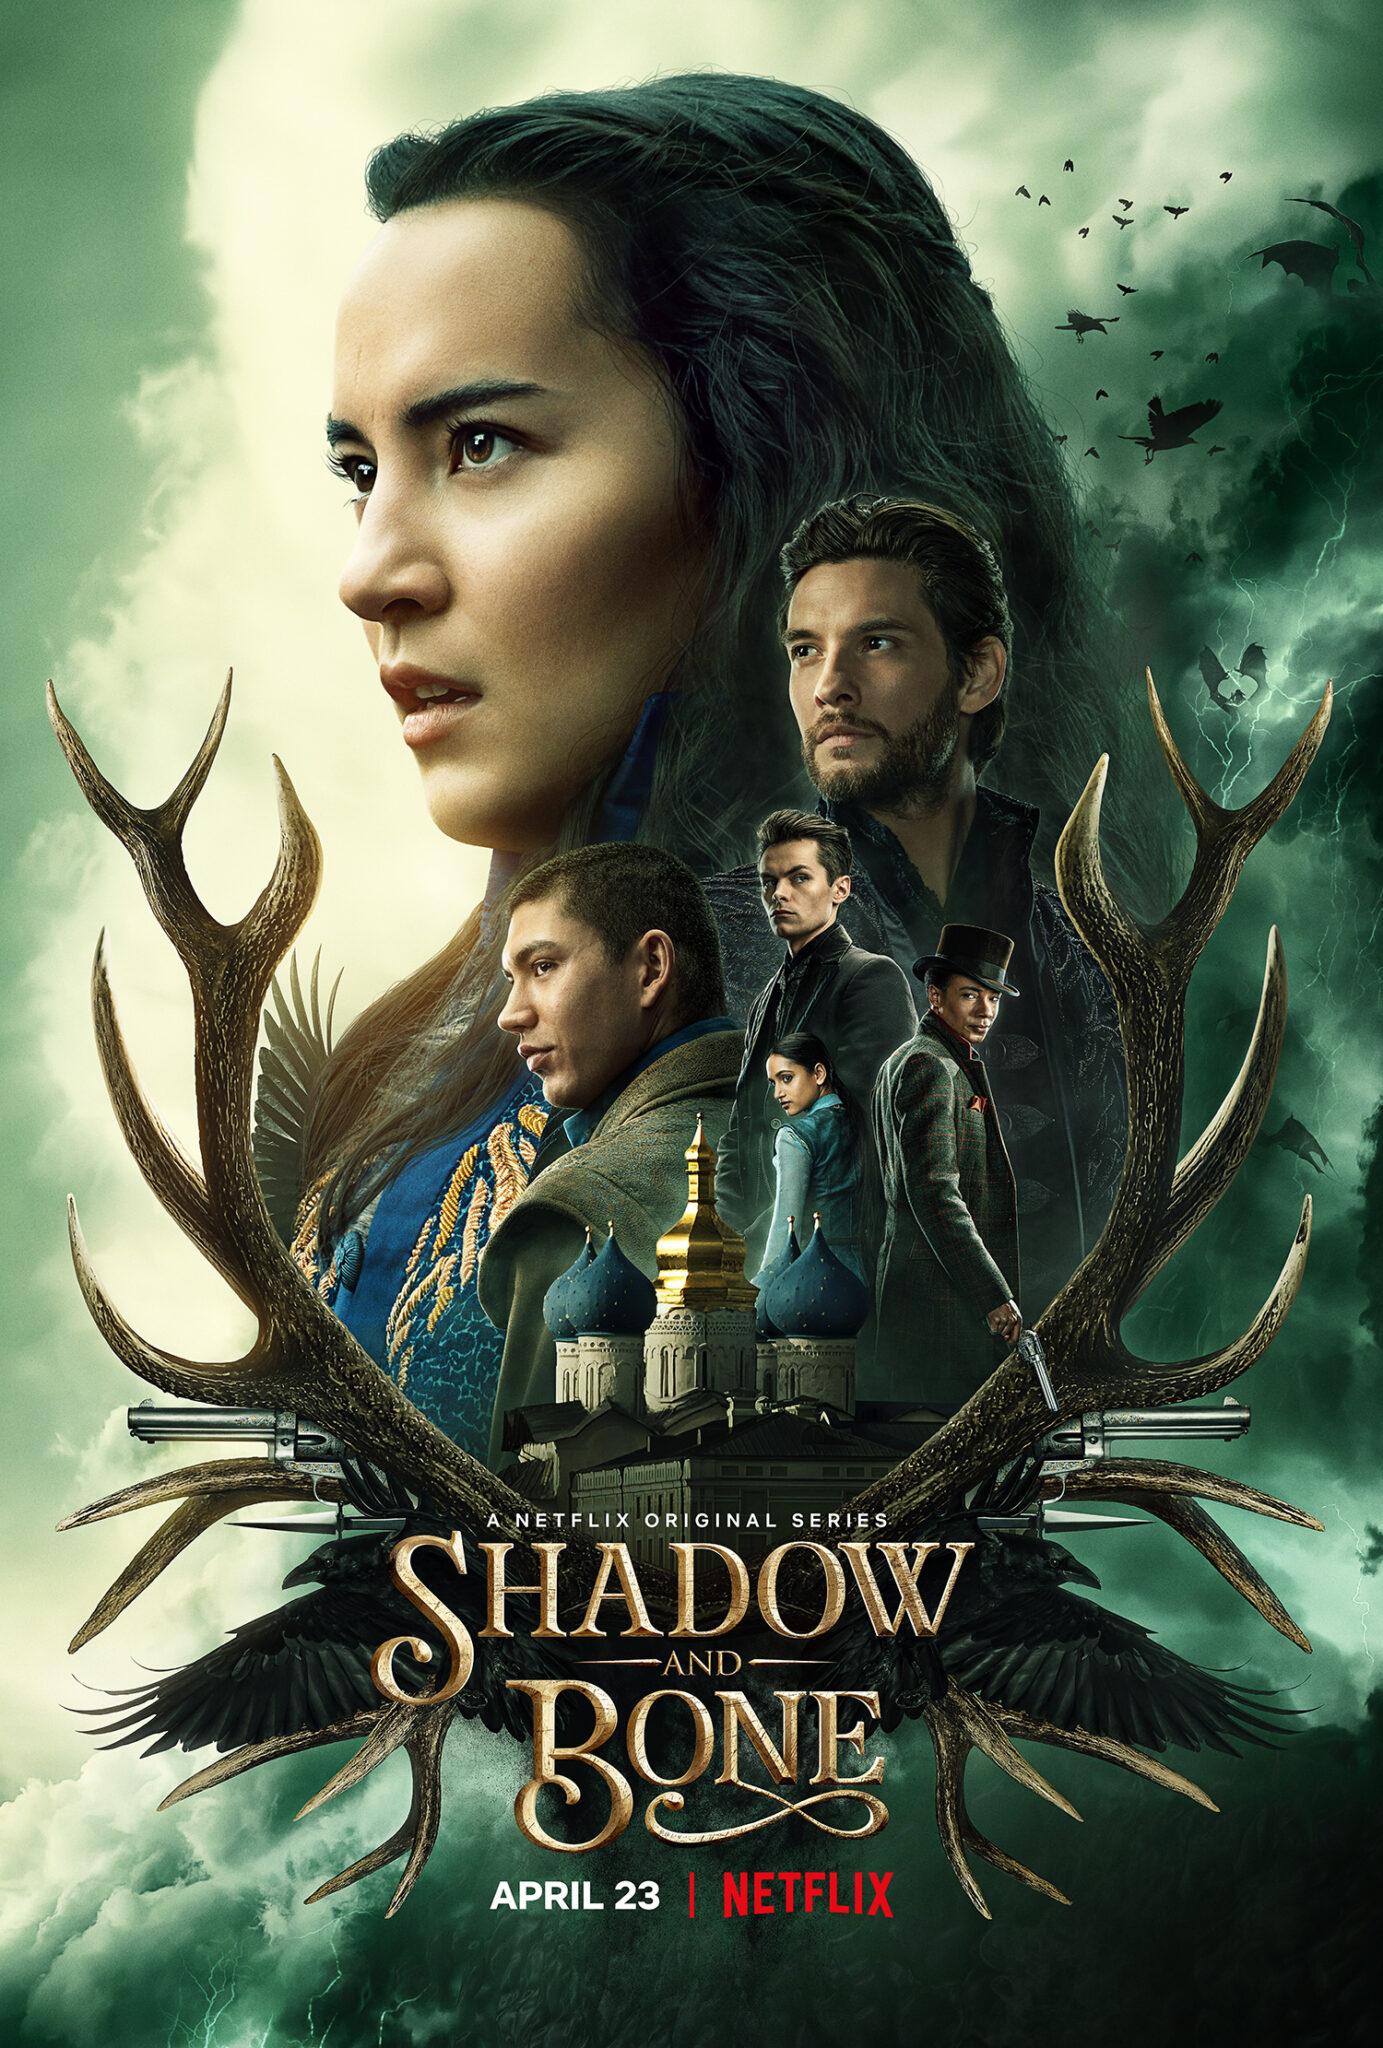 Das Key-Art von Shadow and Bone zeigt das Gesicht von Alina in groß. Davor sieht man in kleinerem Maßstab die anderen Hauptfiguren der Serie, Kirigan, Mal, Kaz, Inej und Jesper. Außerdem kann man den Titel lesen, der auf einer Grafik steht, die sich aus einem Palast und einem Hirschgeweih zusammensetzt. Der Hintergrund ist grünblau.